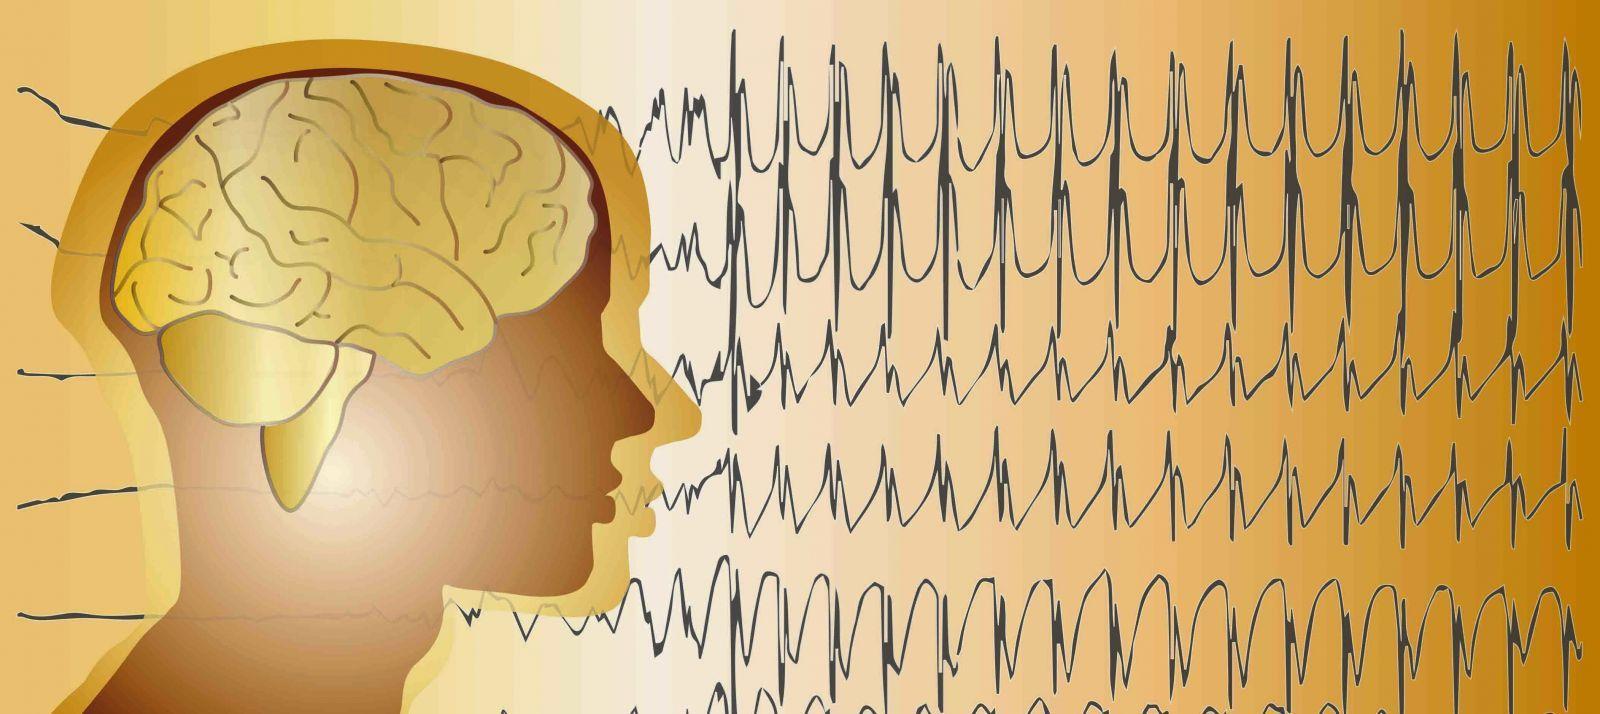 Lennox-Gastaut Sendromu (LGS) Nedir